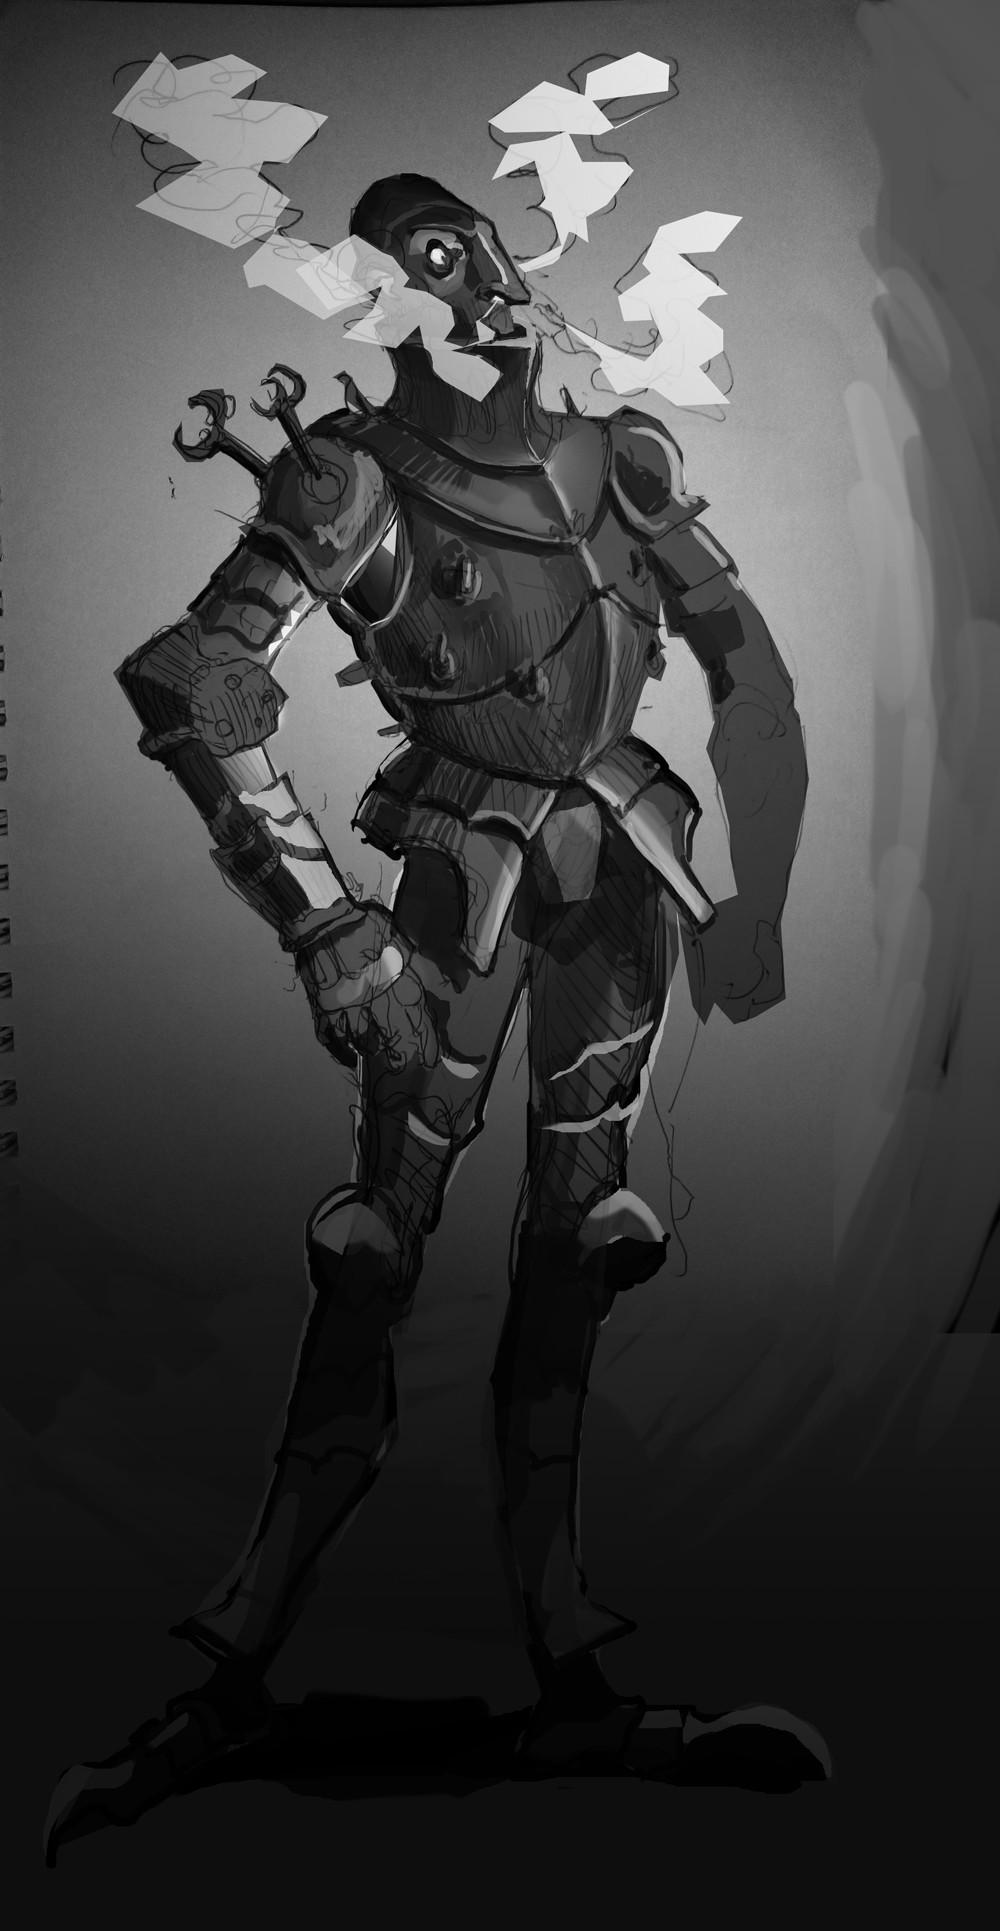 Smoking Knight